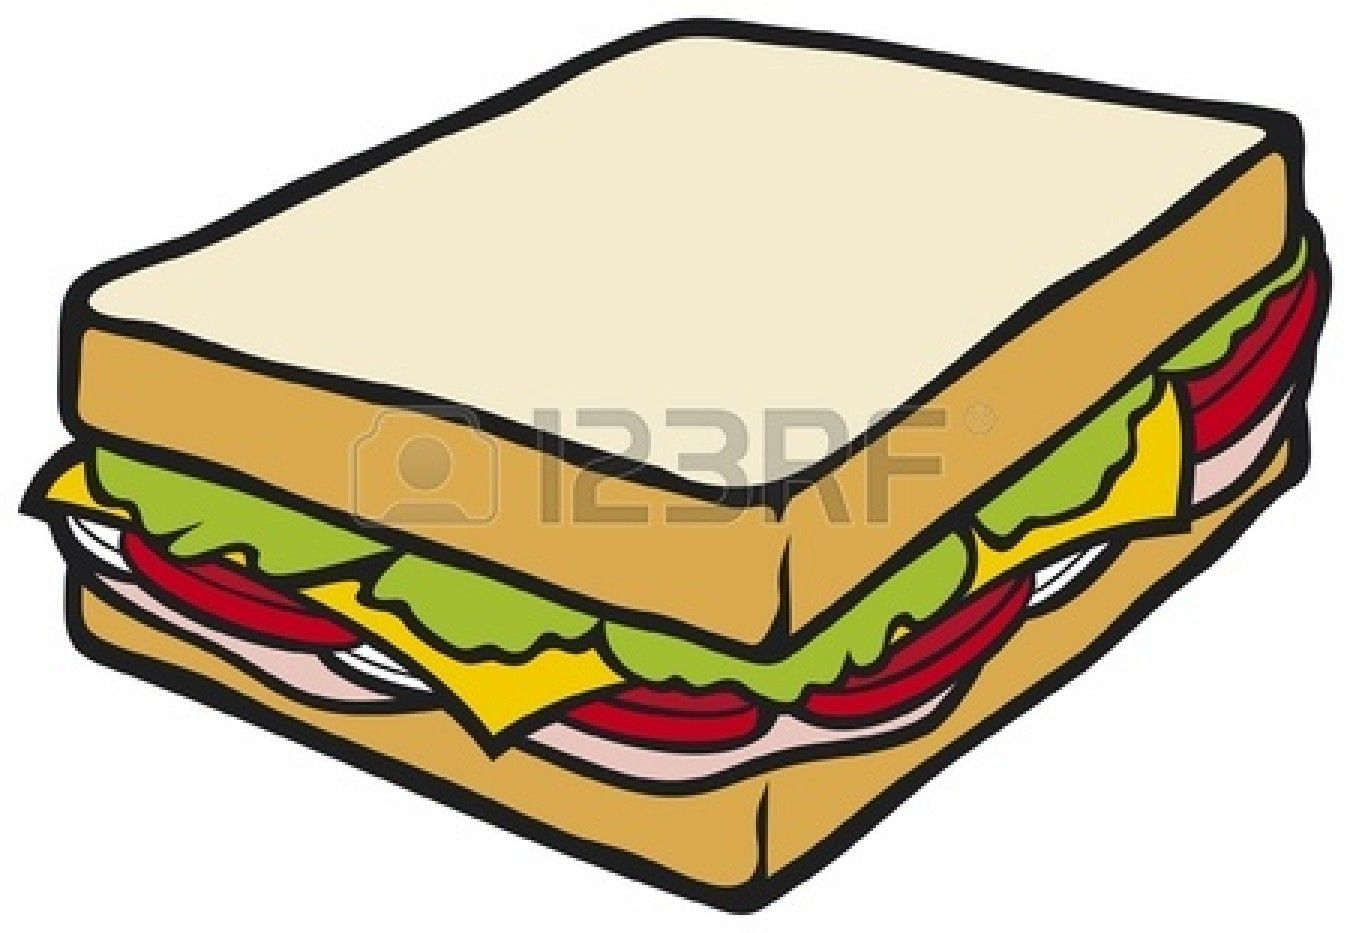 Cheese sandwich clipart.